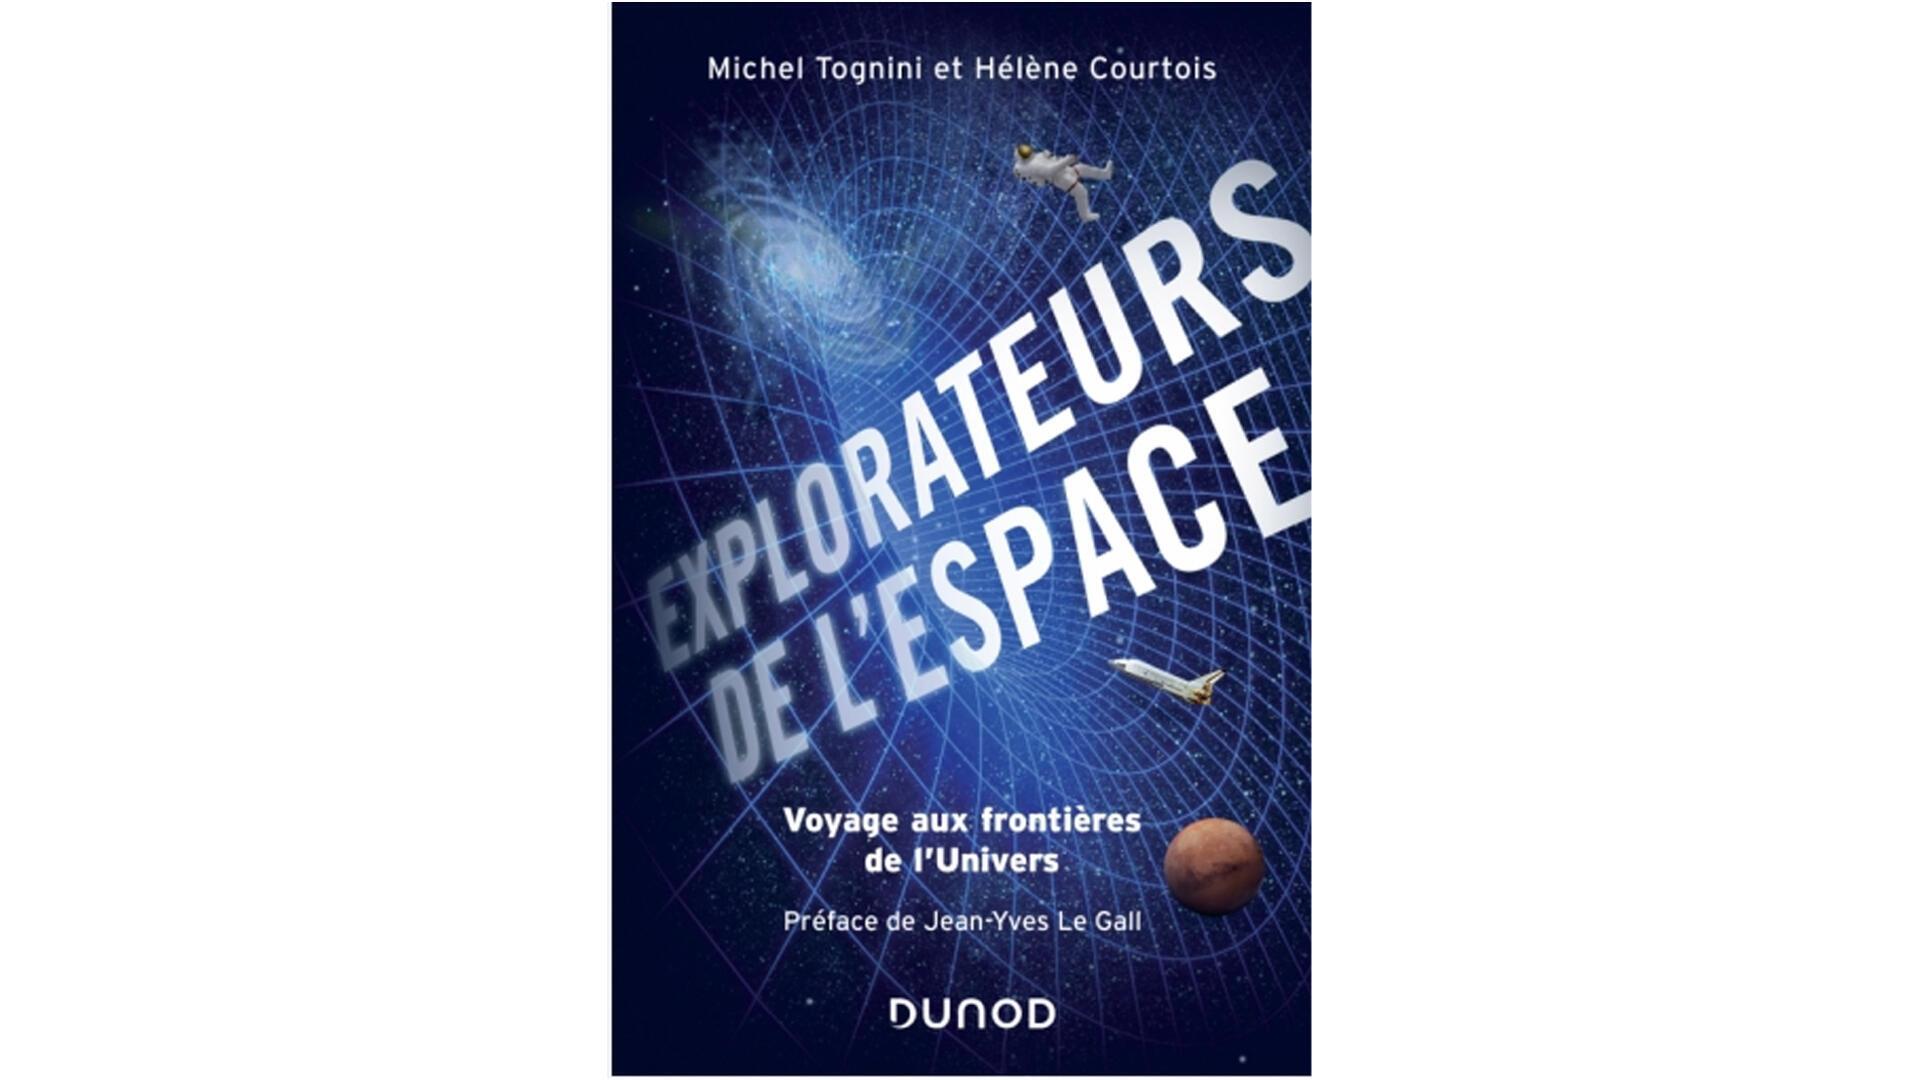 «Explorateurs de l'espace».